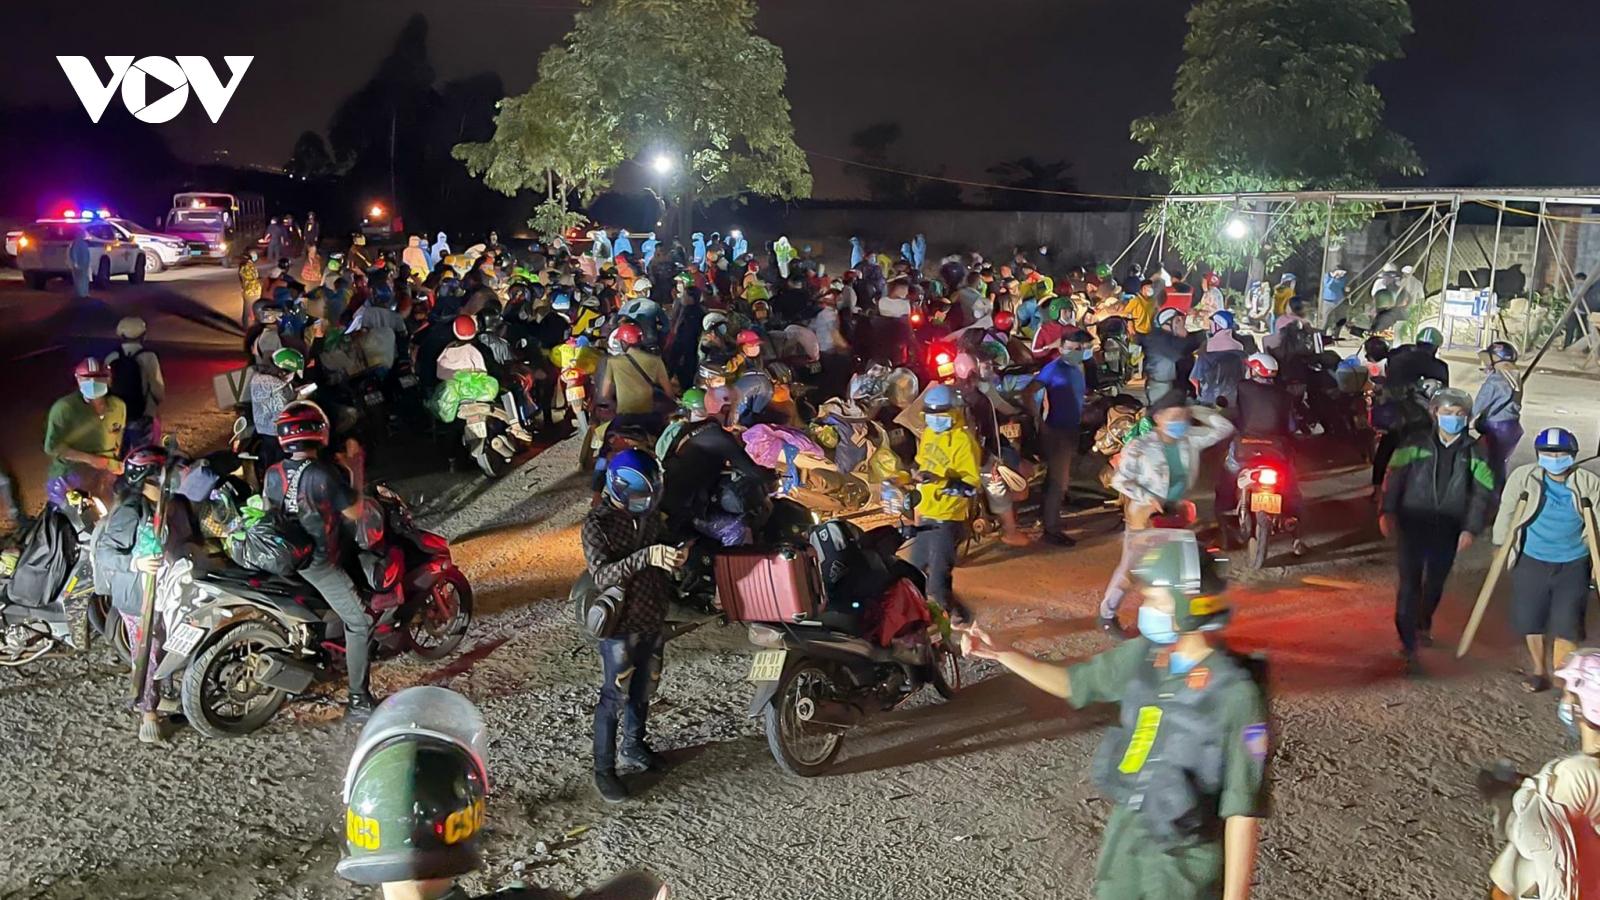 Ròng rã về quê tránh dịch bằng xe máy và chuyện nghĩa tình trên đường